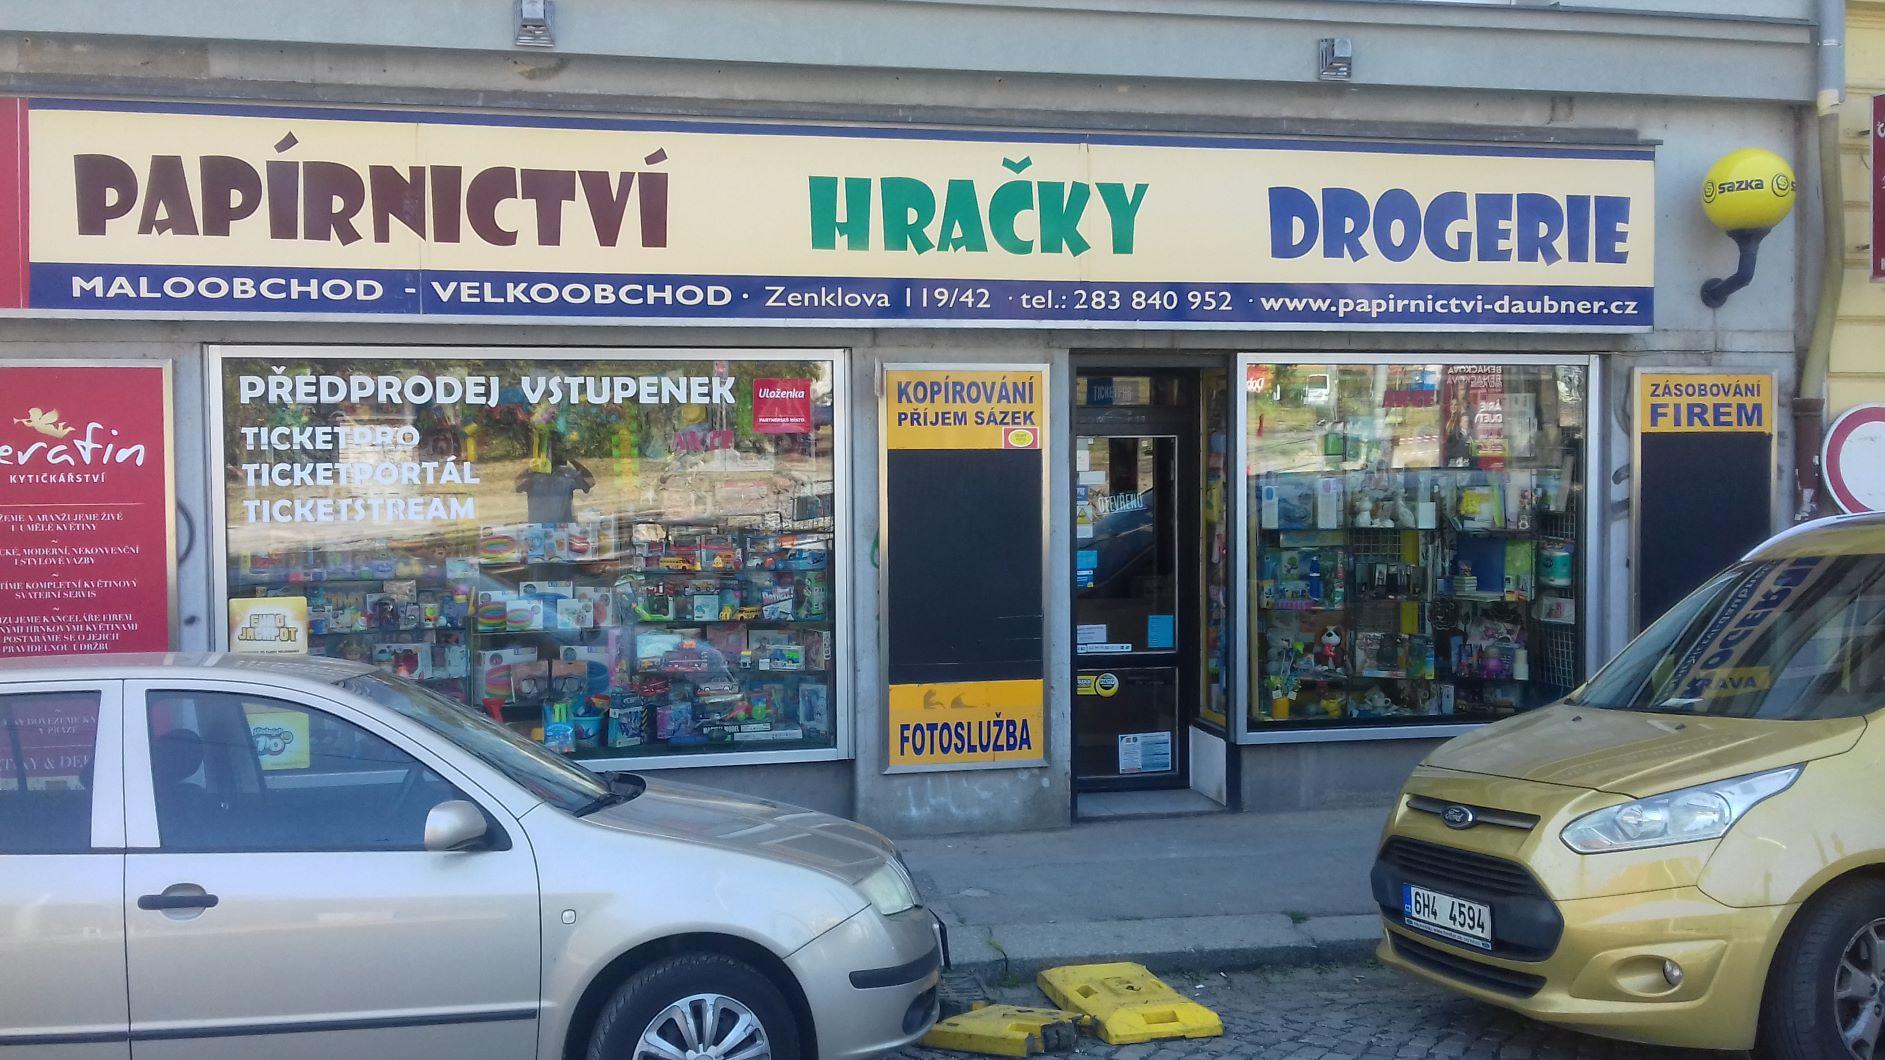 Pobočka Praha 8, Zenklova 119 (Papírnictví)